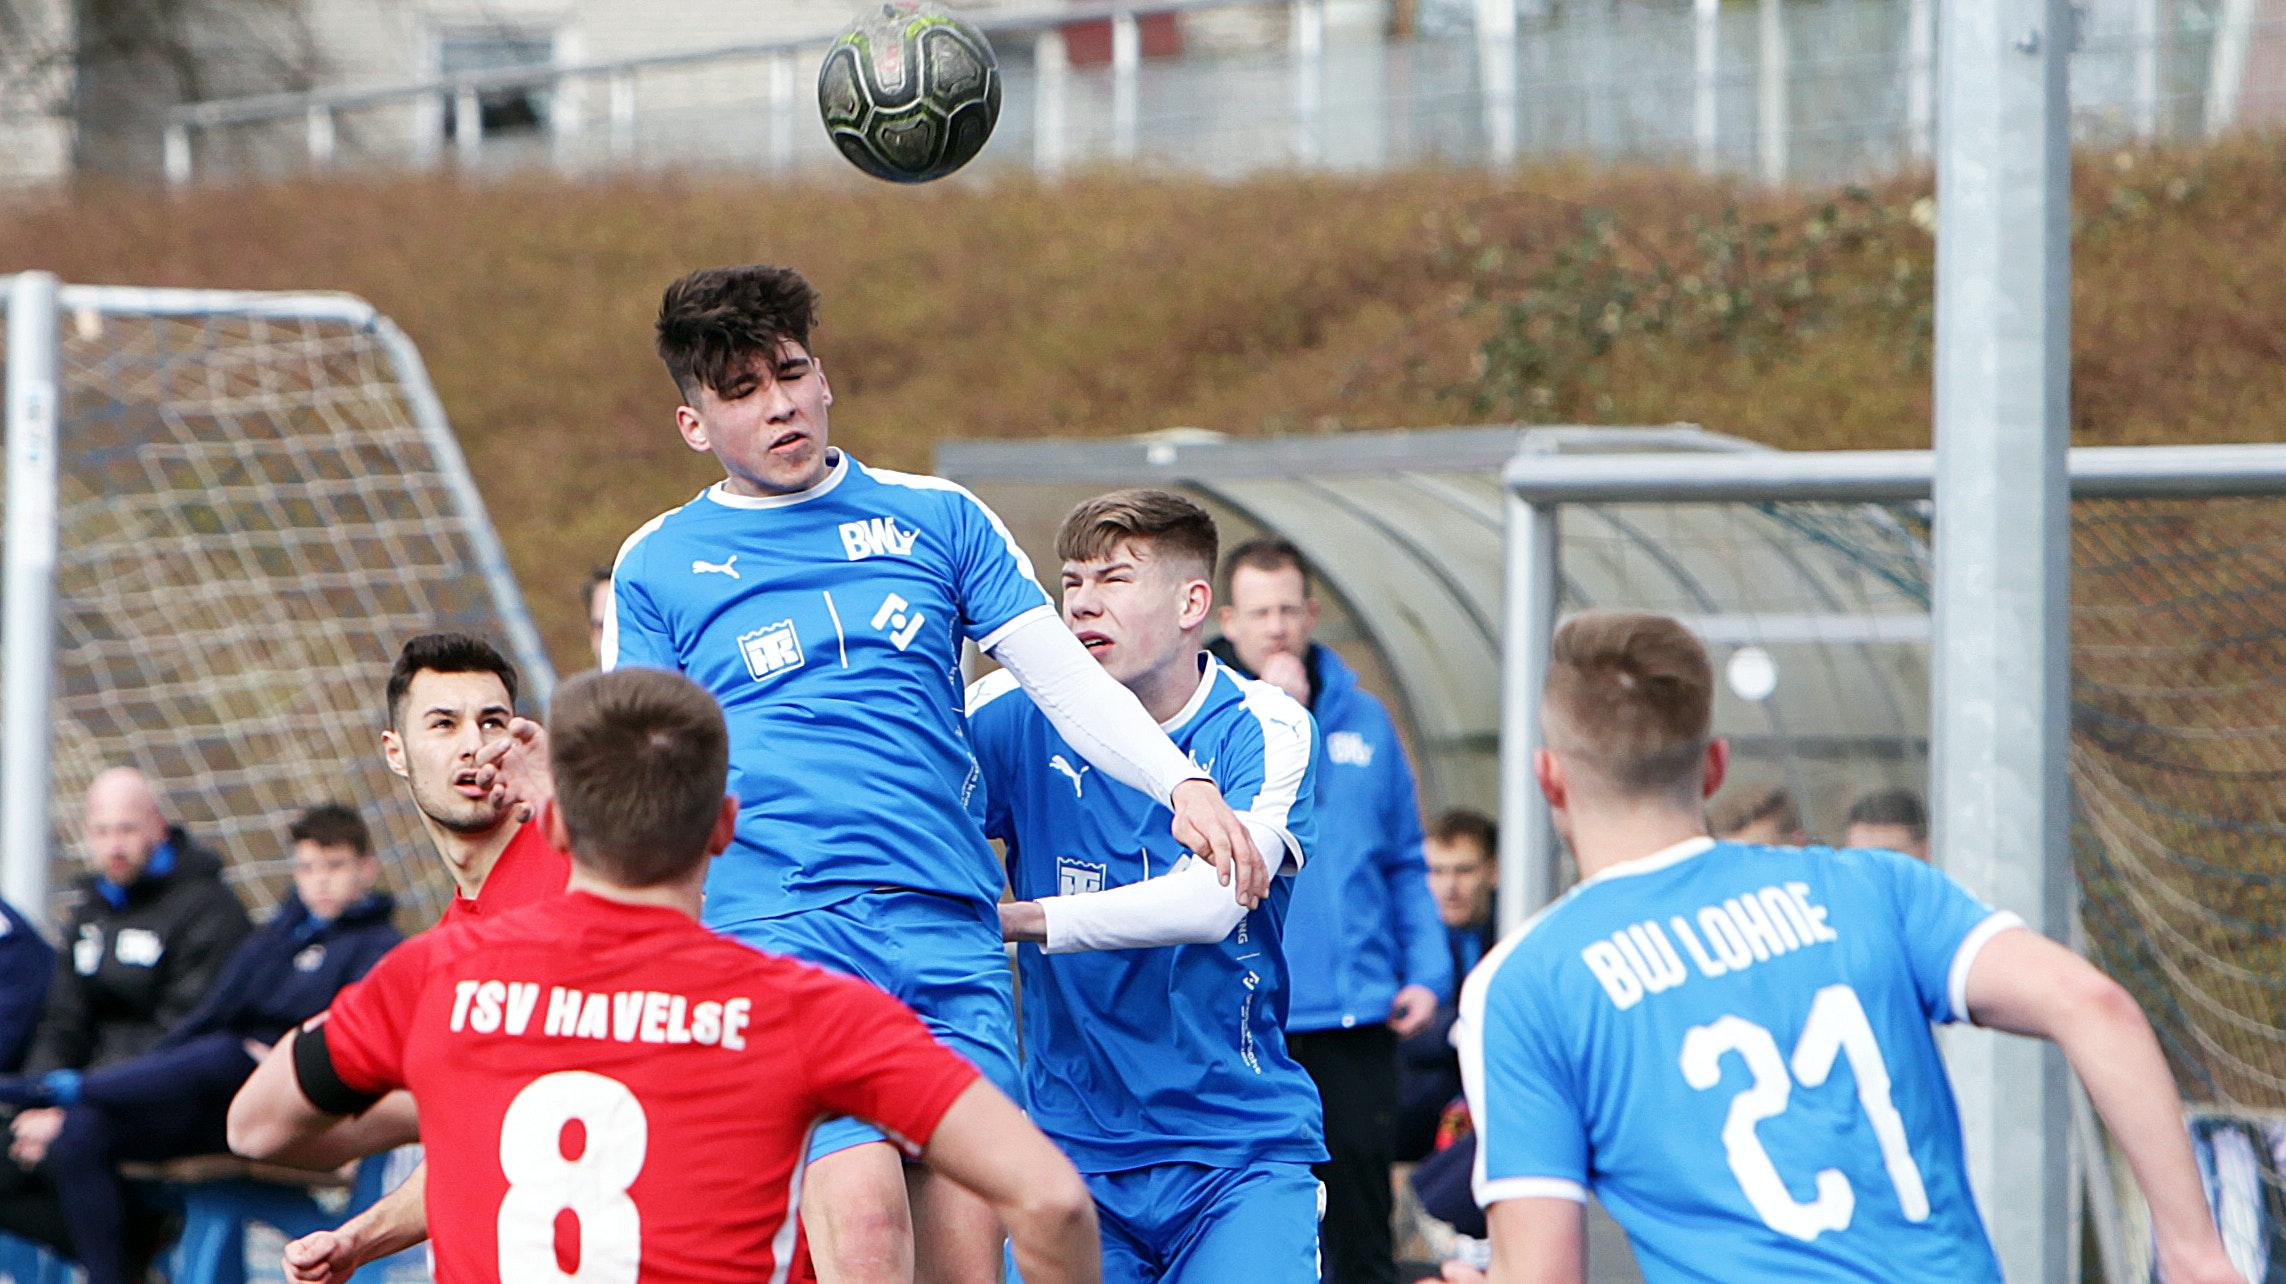 Kopfballeinsatz für BWL: Lohnes A-Jugendlicher Kevin Kempel (Mitte). Foto: Schikora